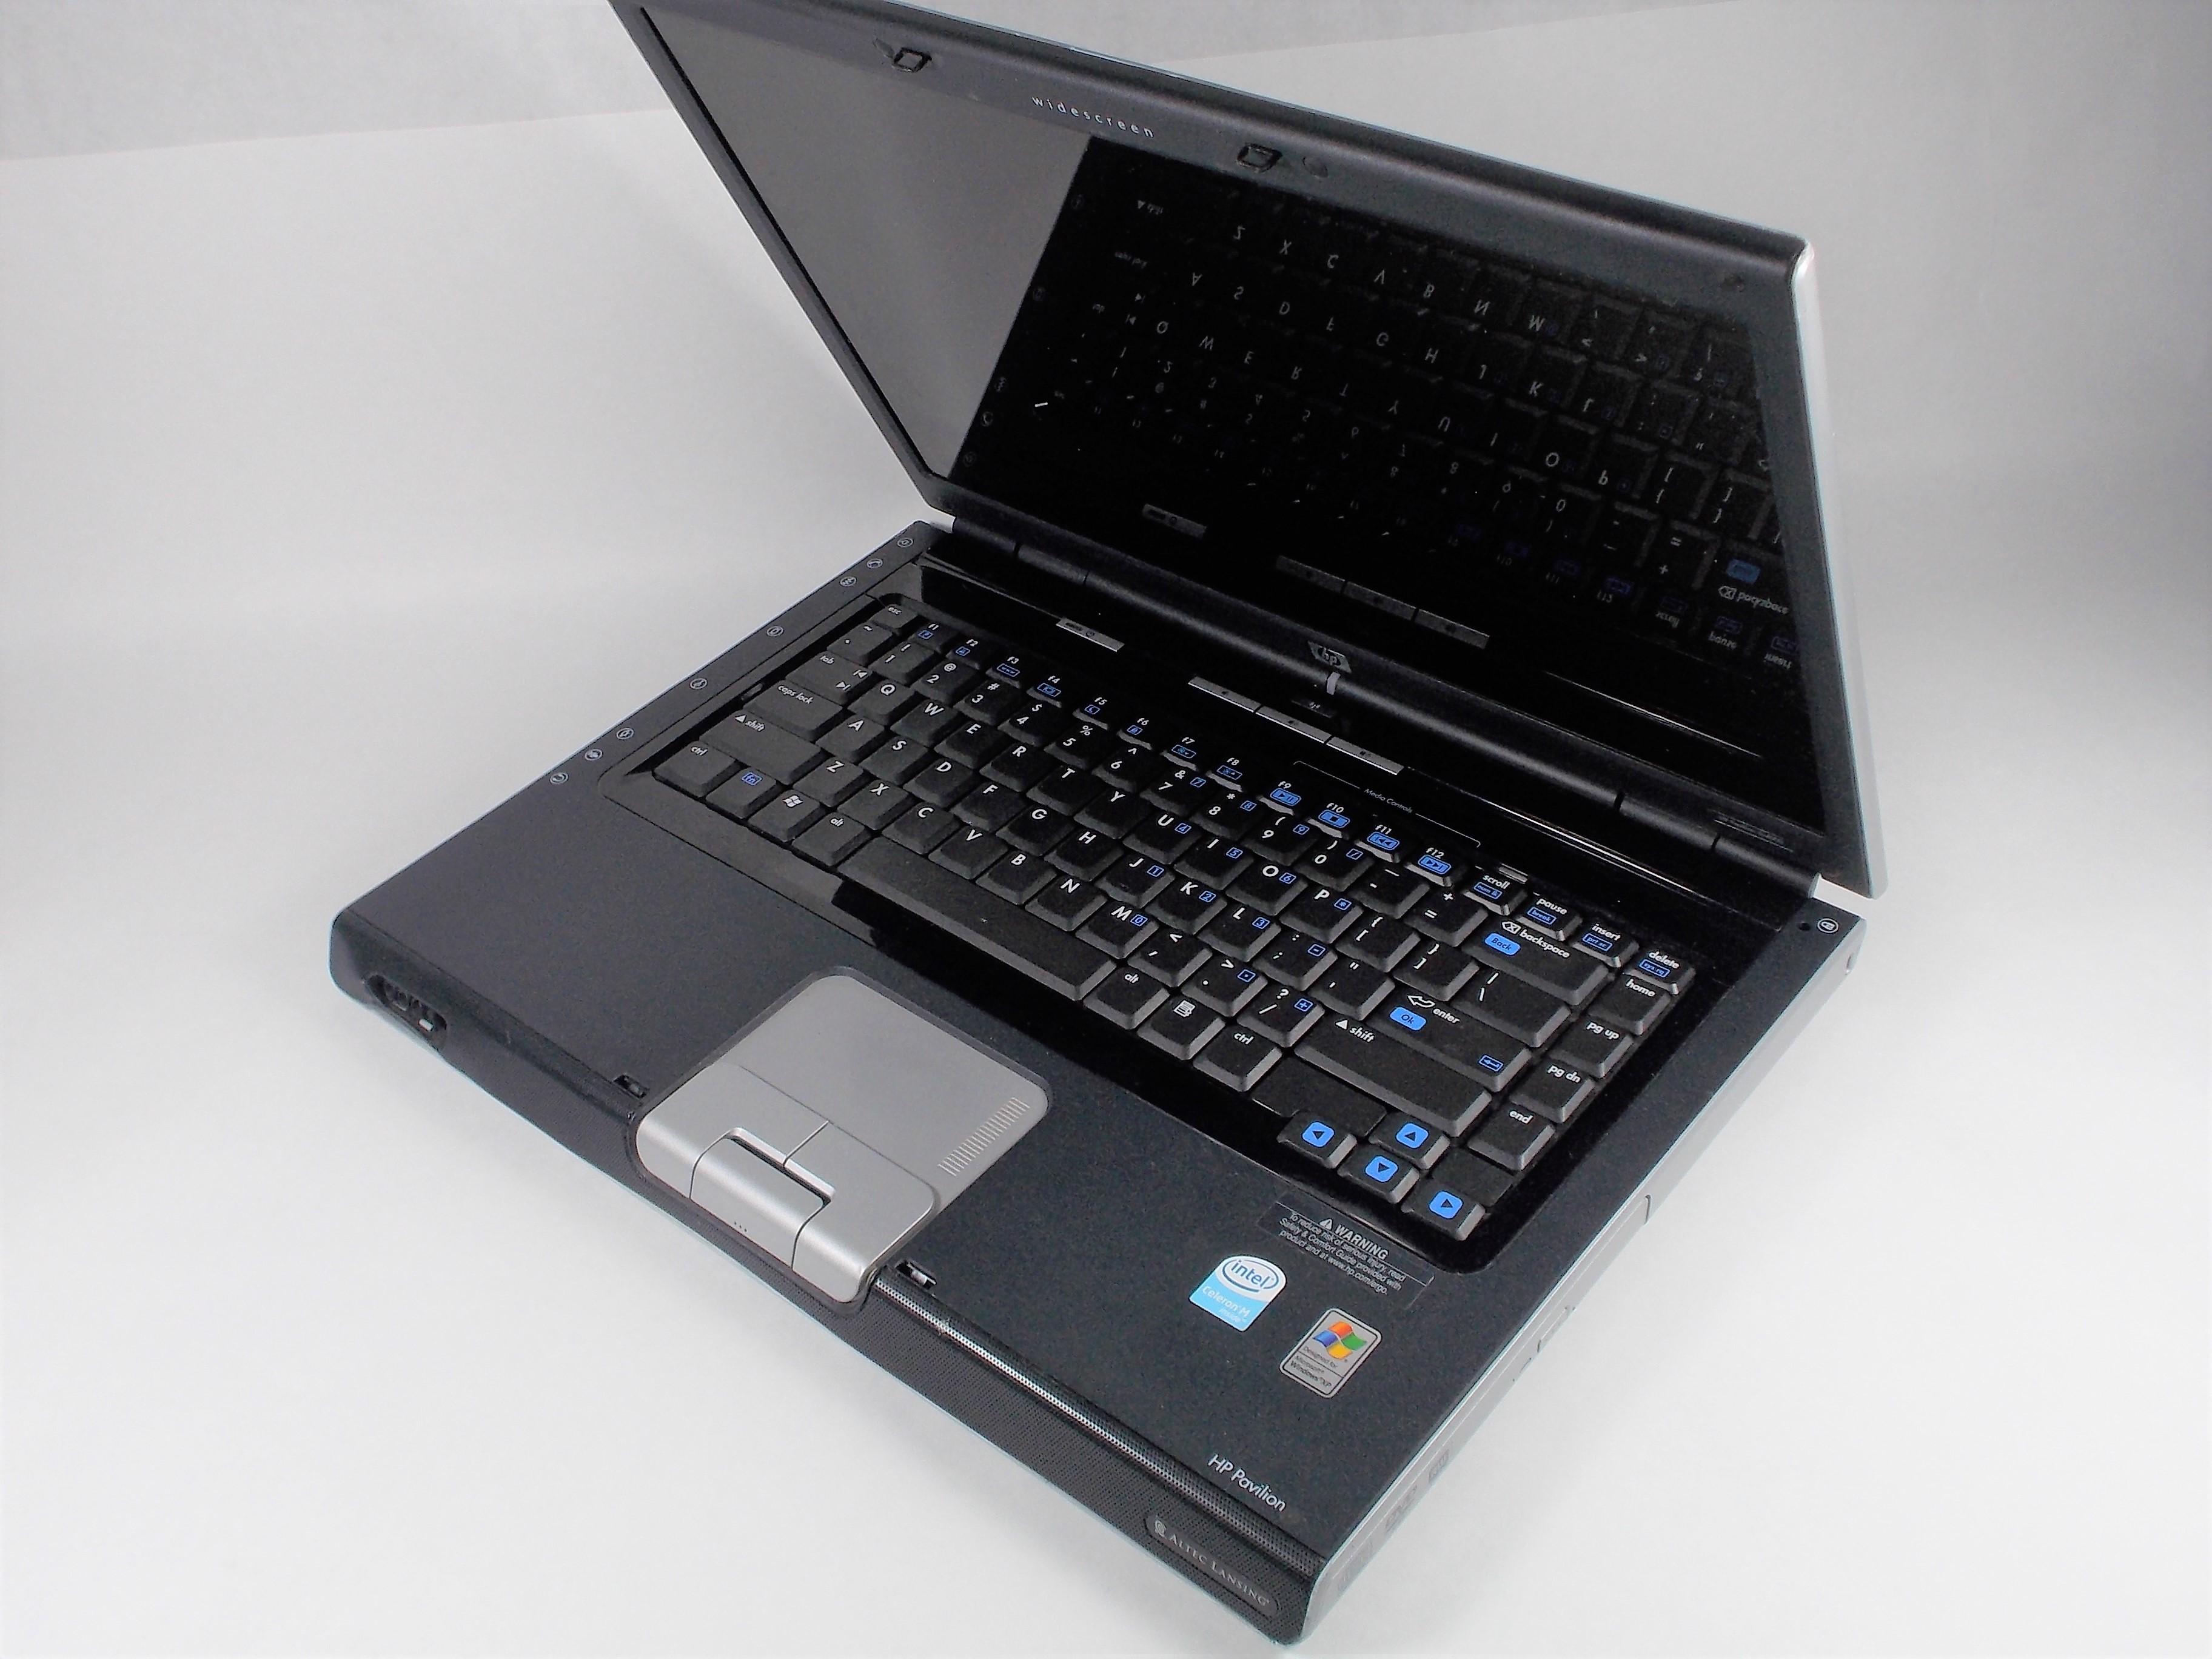 hp pavilion dv4000 keyboard replacement ifixit repair guide rh ifixit com HP Pavilion 23 1000Z Ethernet Connection HP Pavilion D4650e Specs